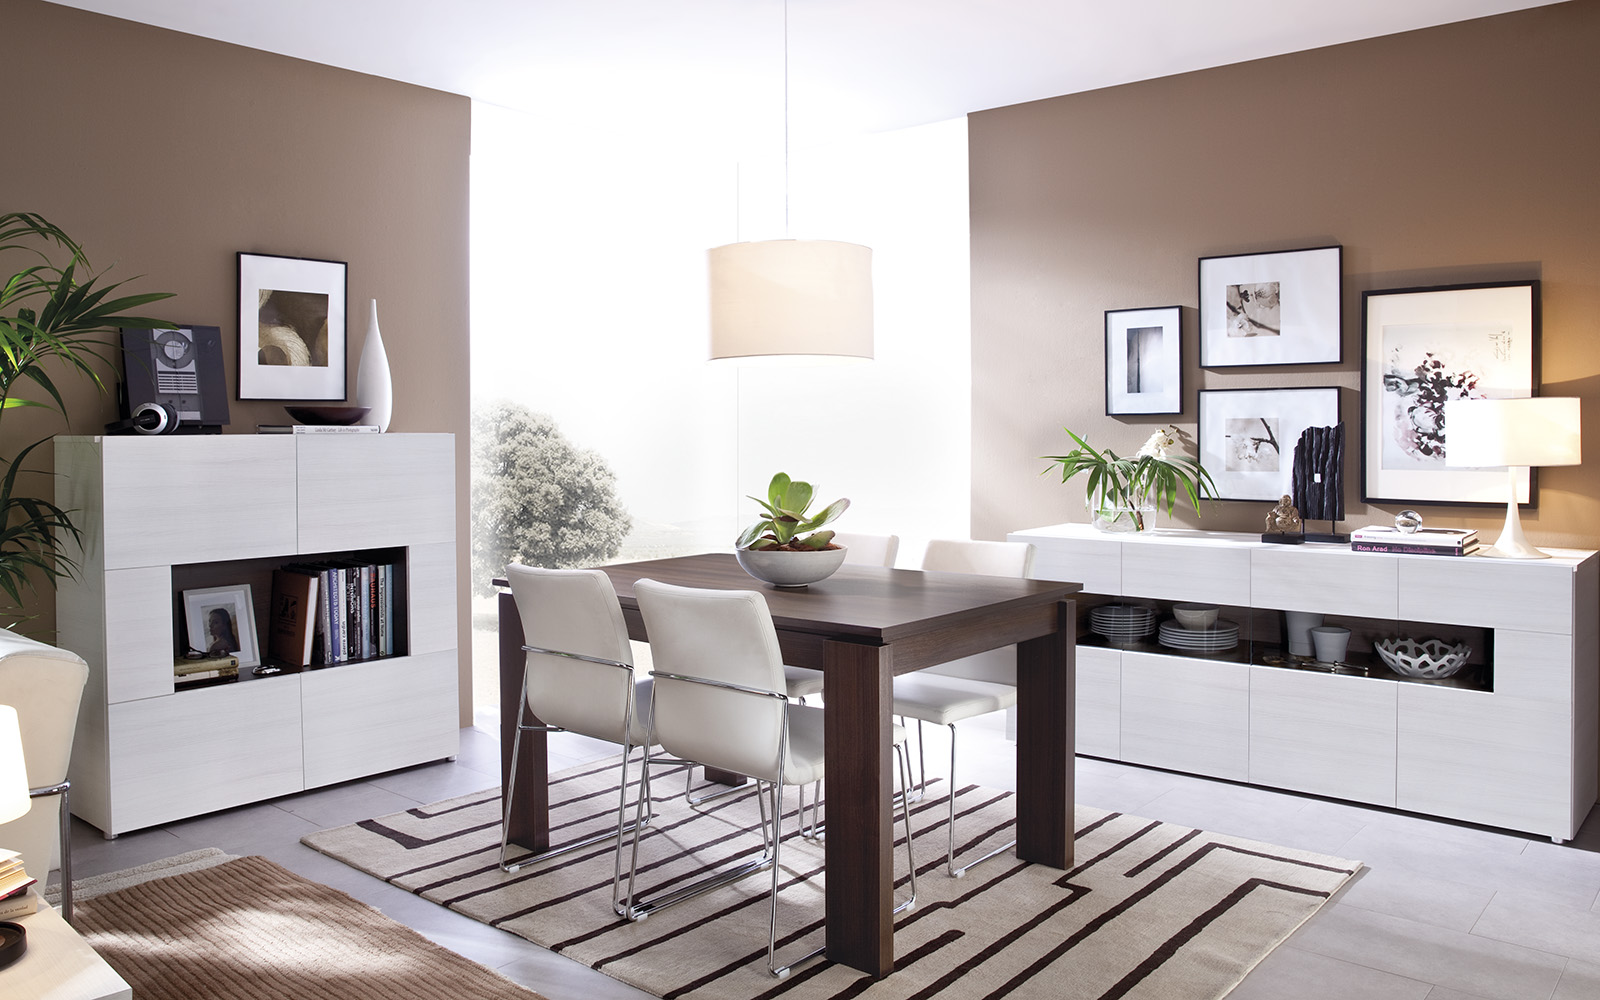 Tatat muebles a medida y m s expertos en mueble juvenil salones y comedores - Aparadores modernos para comedor ...